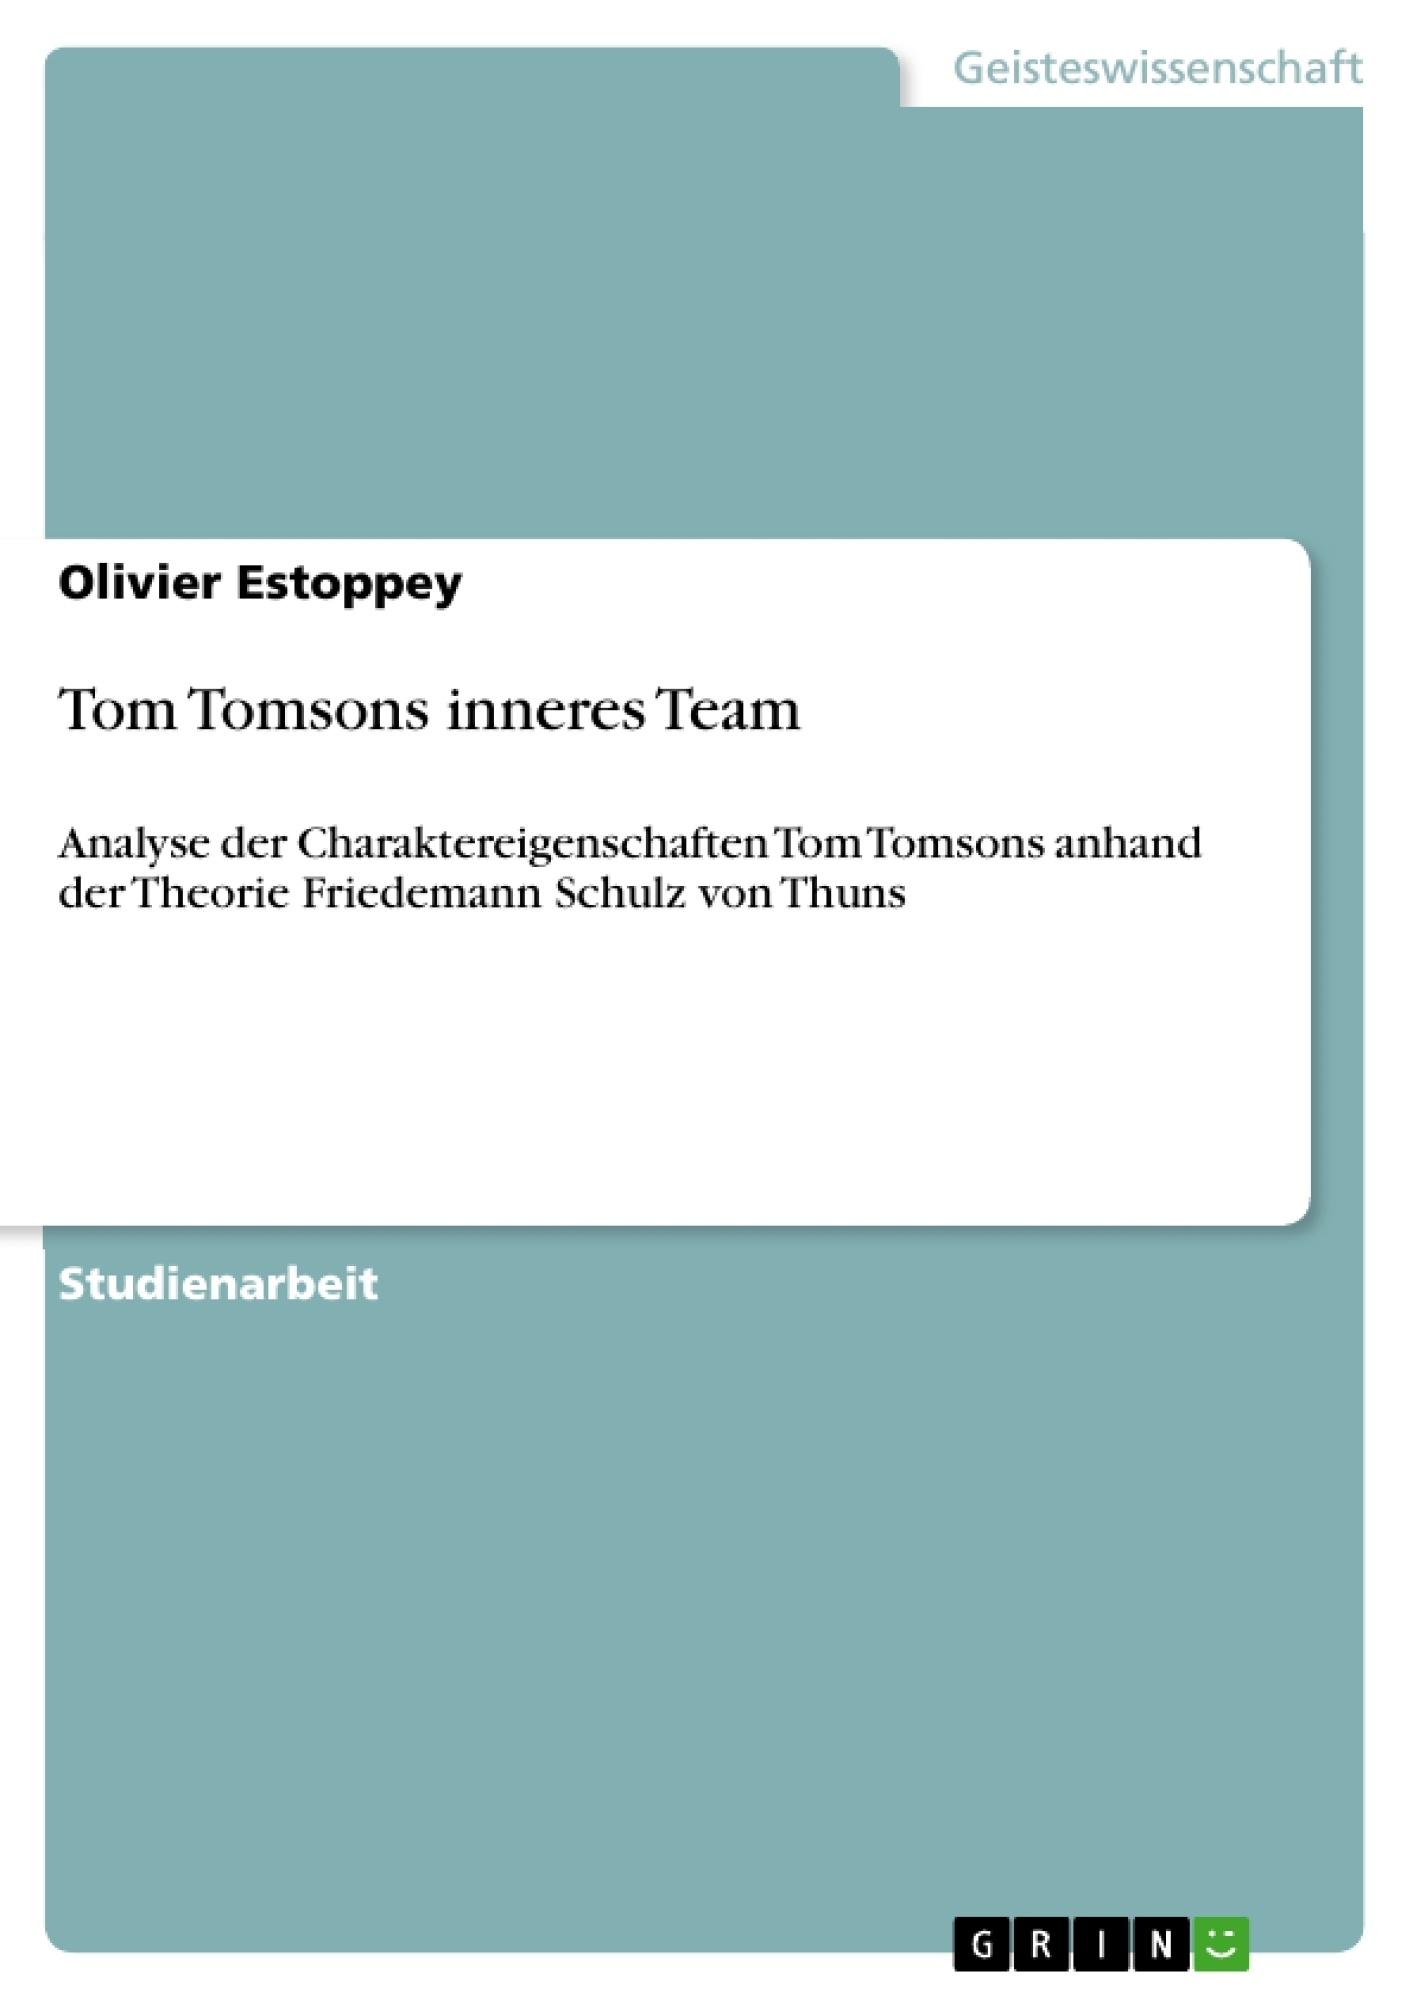 Titel: Tom Tomsons inneres Team